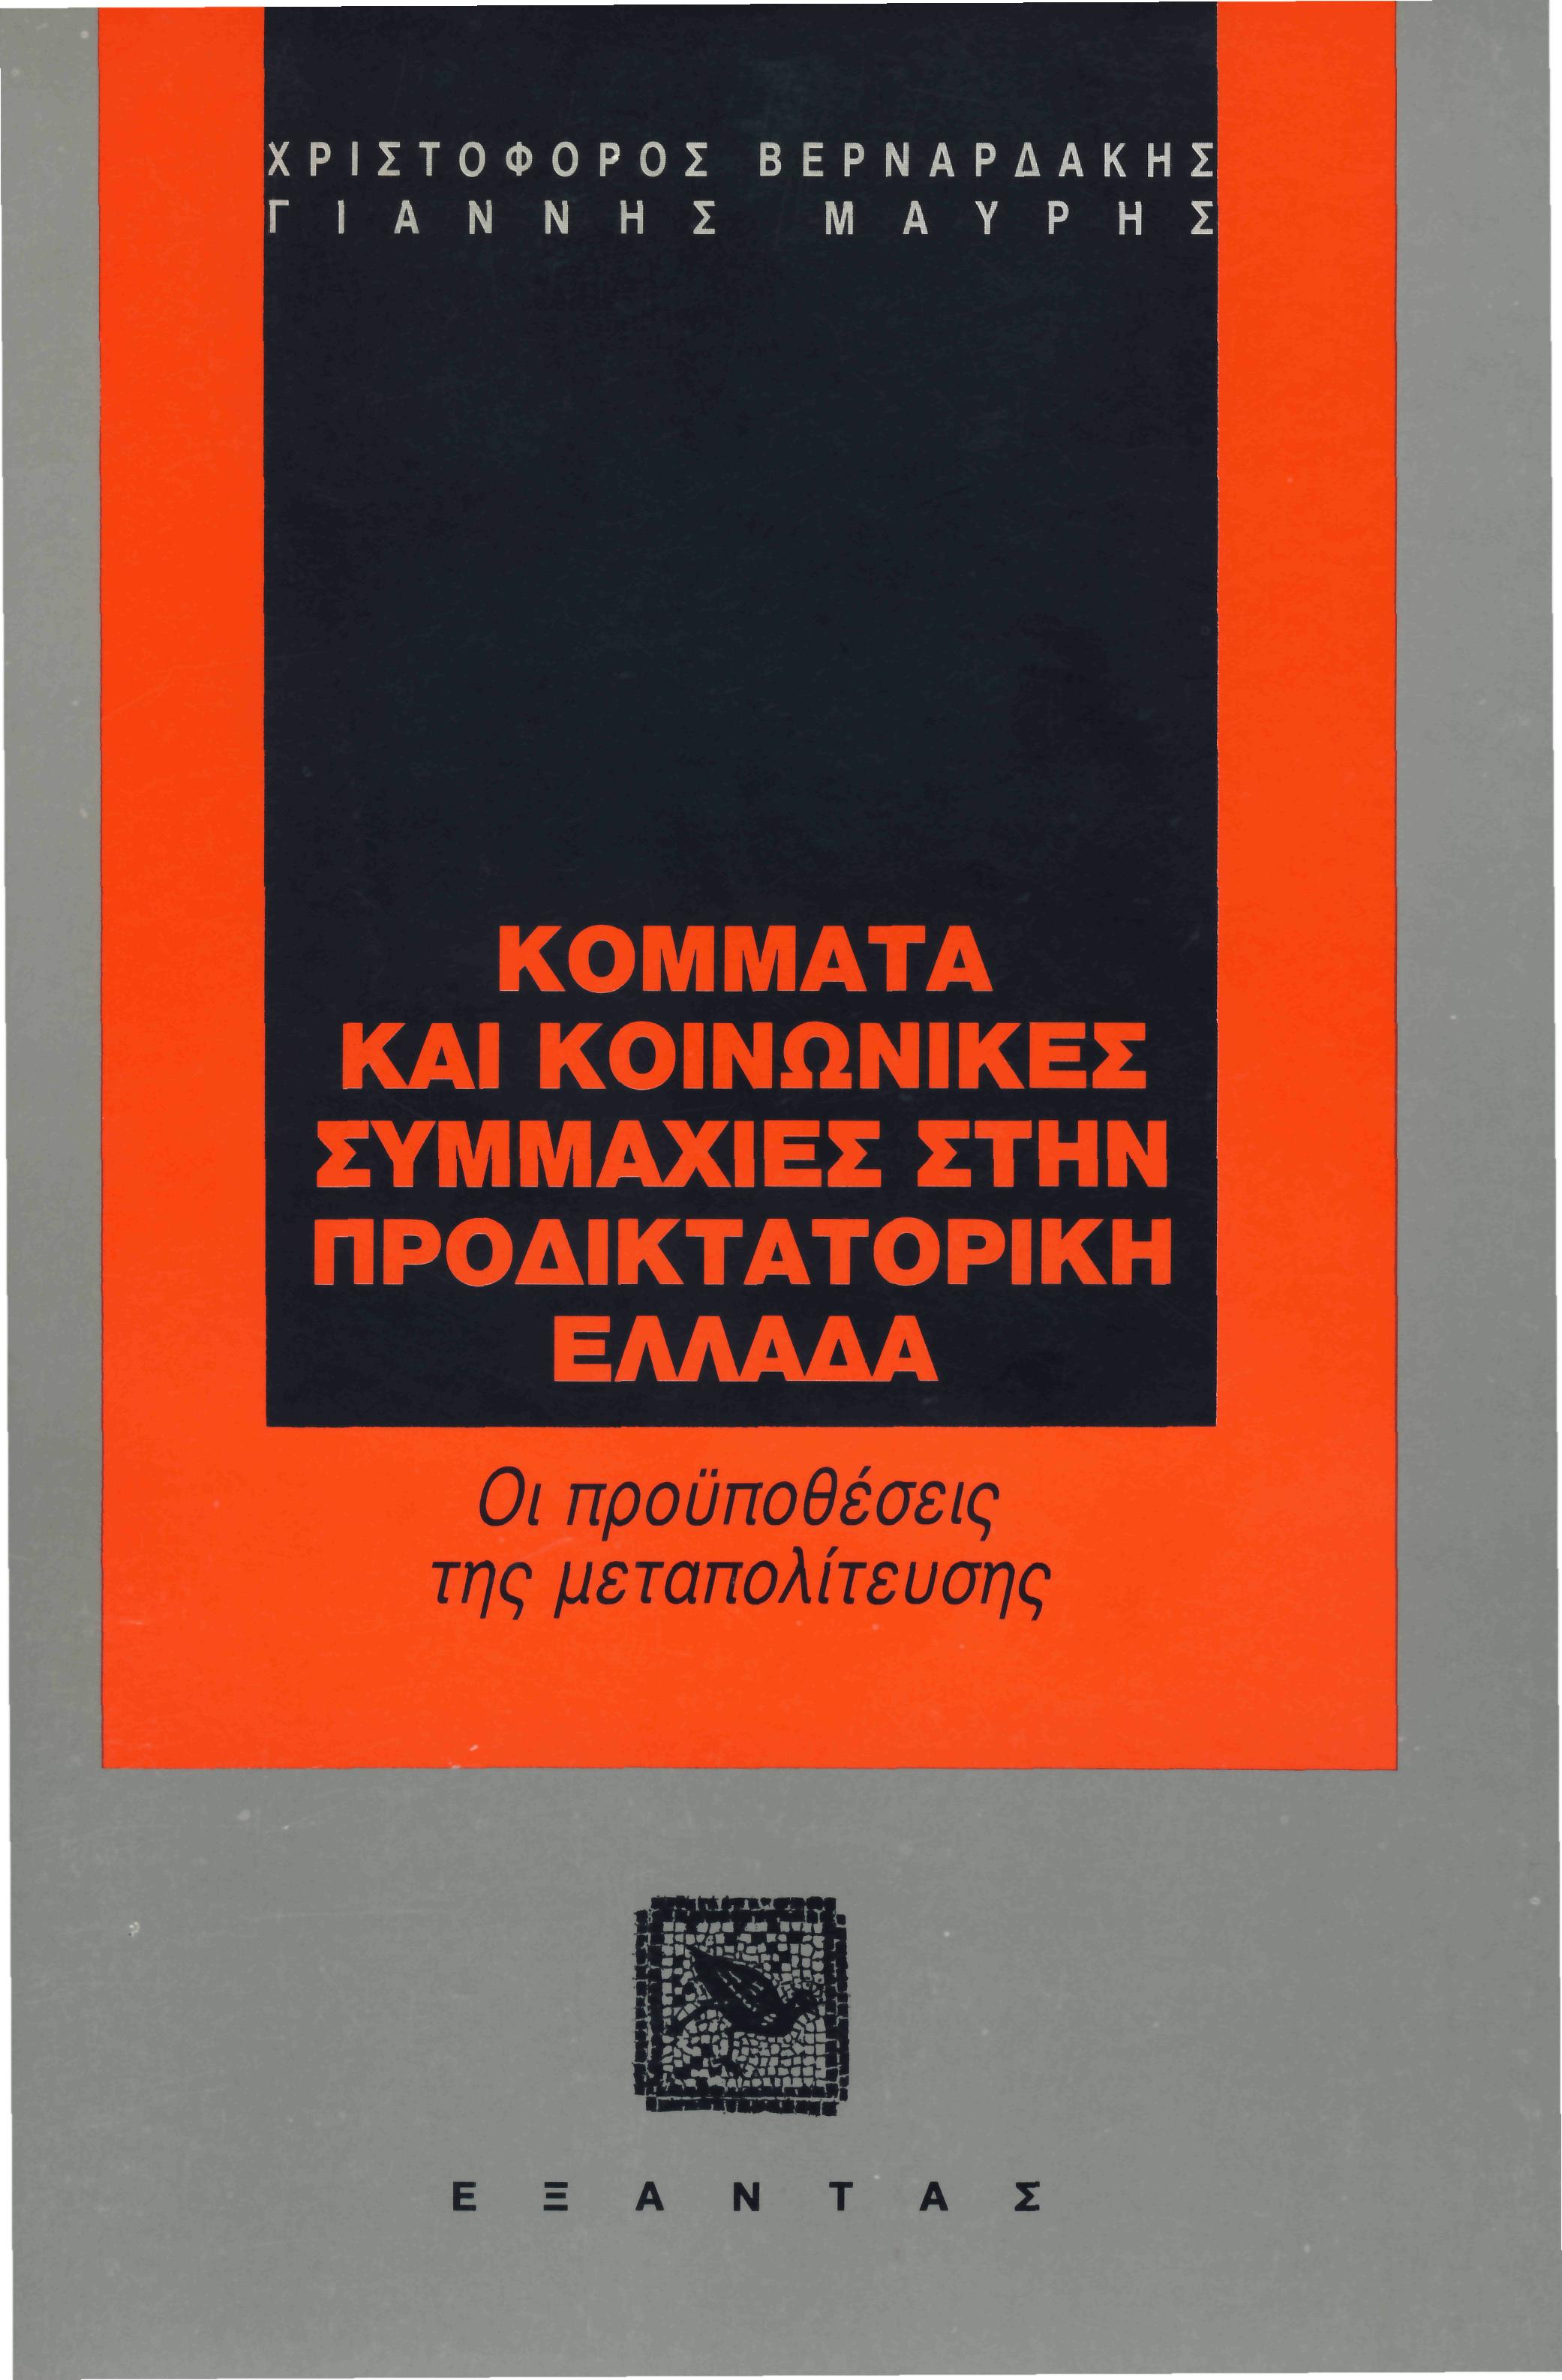 Εξώφυλλο Κόμματα και Κοινωνικές Συμμαχίες στην Προδικτατορική Ελλάδα, 1991